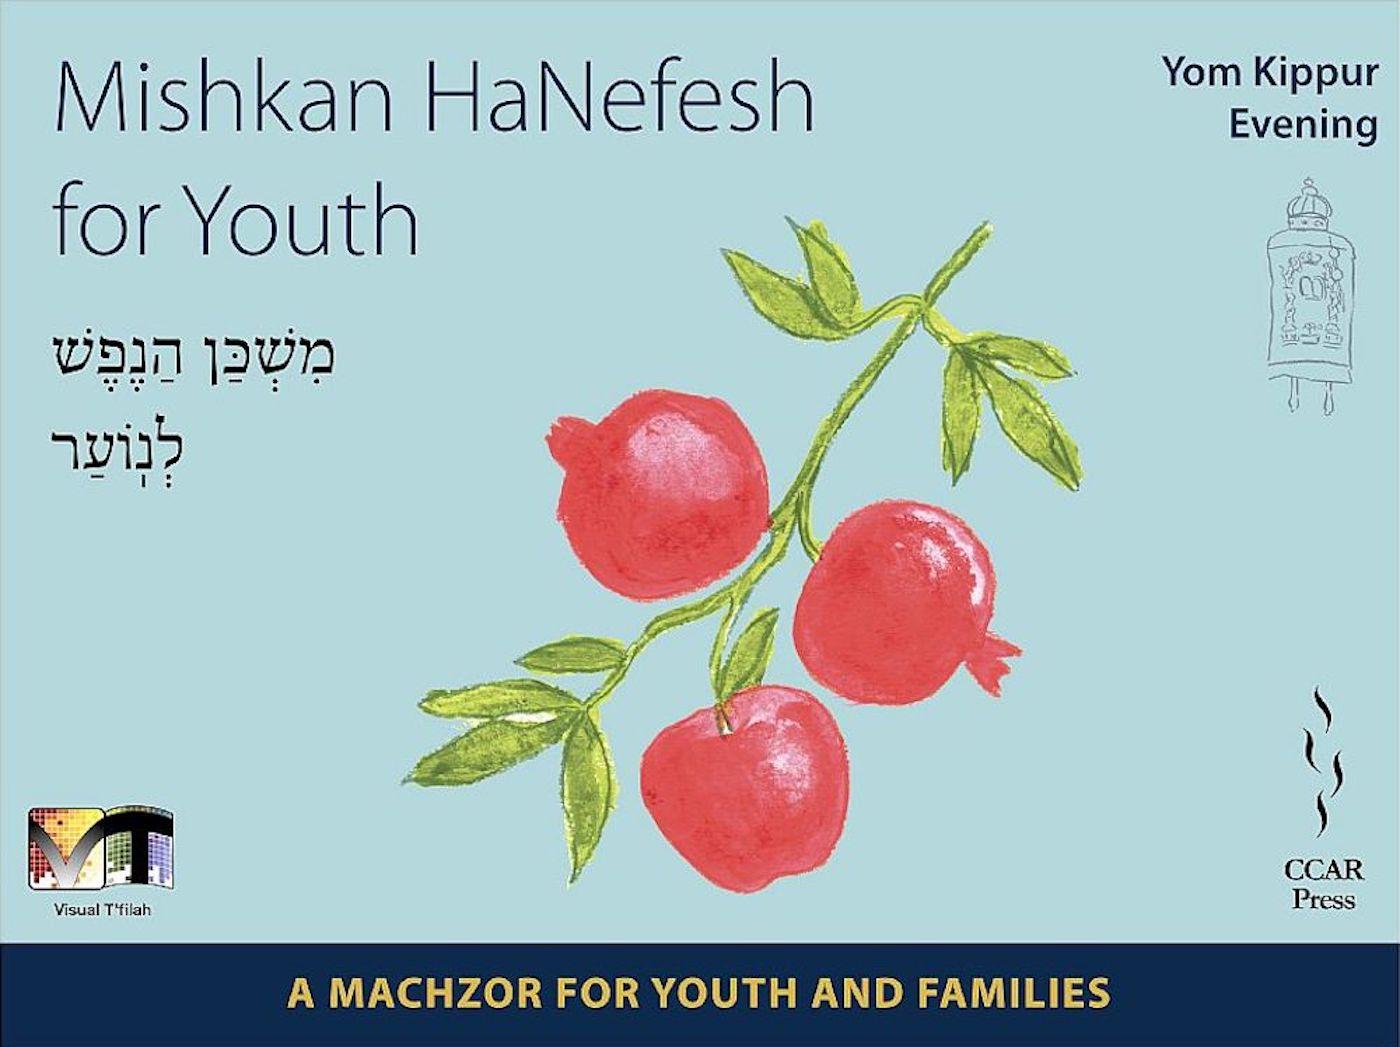 Mishkan HaNefesh for Youth Visual T'filah - Yom Kippur -